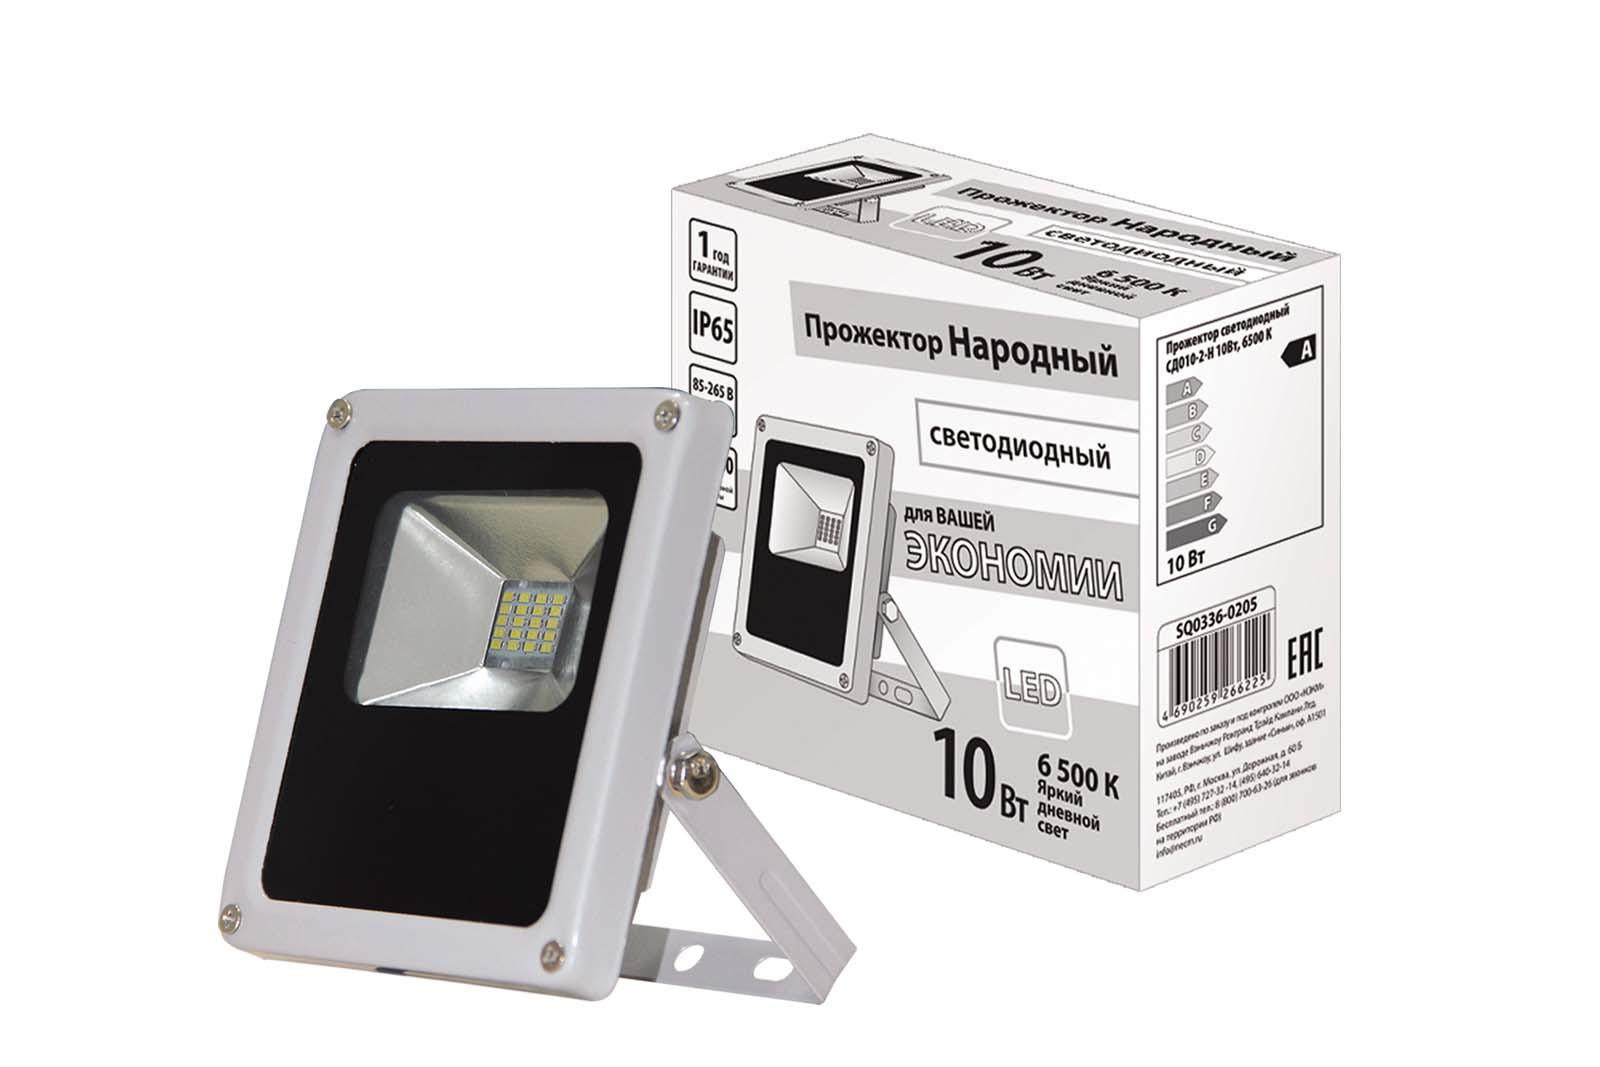 Прожектор светодиодный ТДМ Sq0336-0205